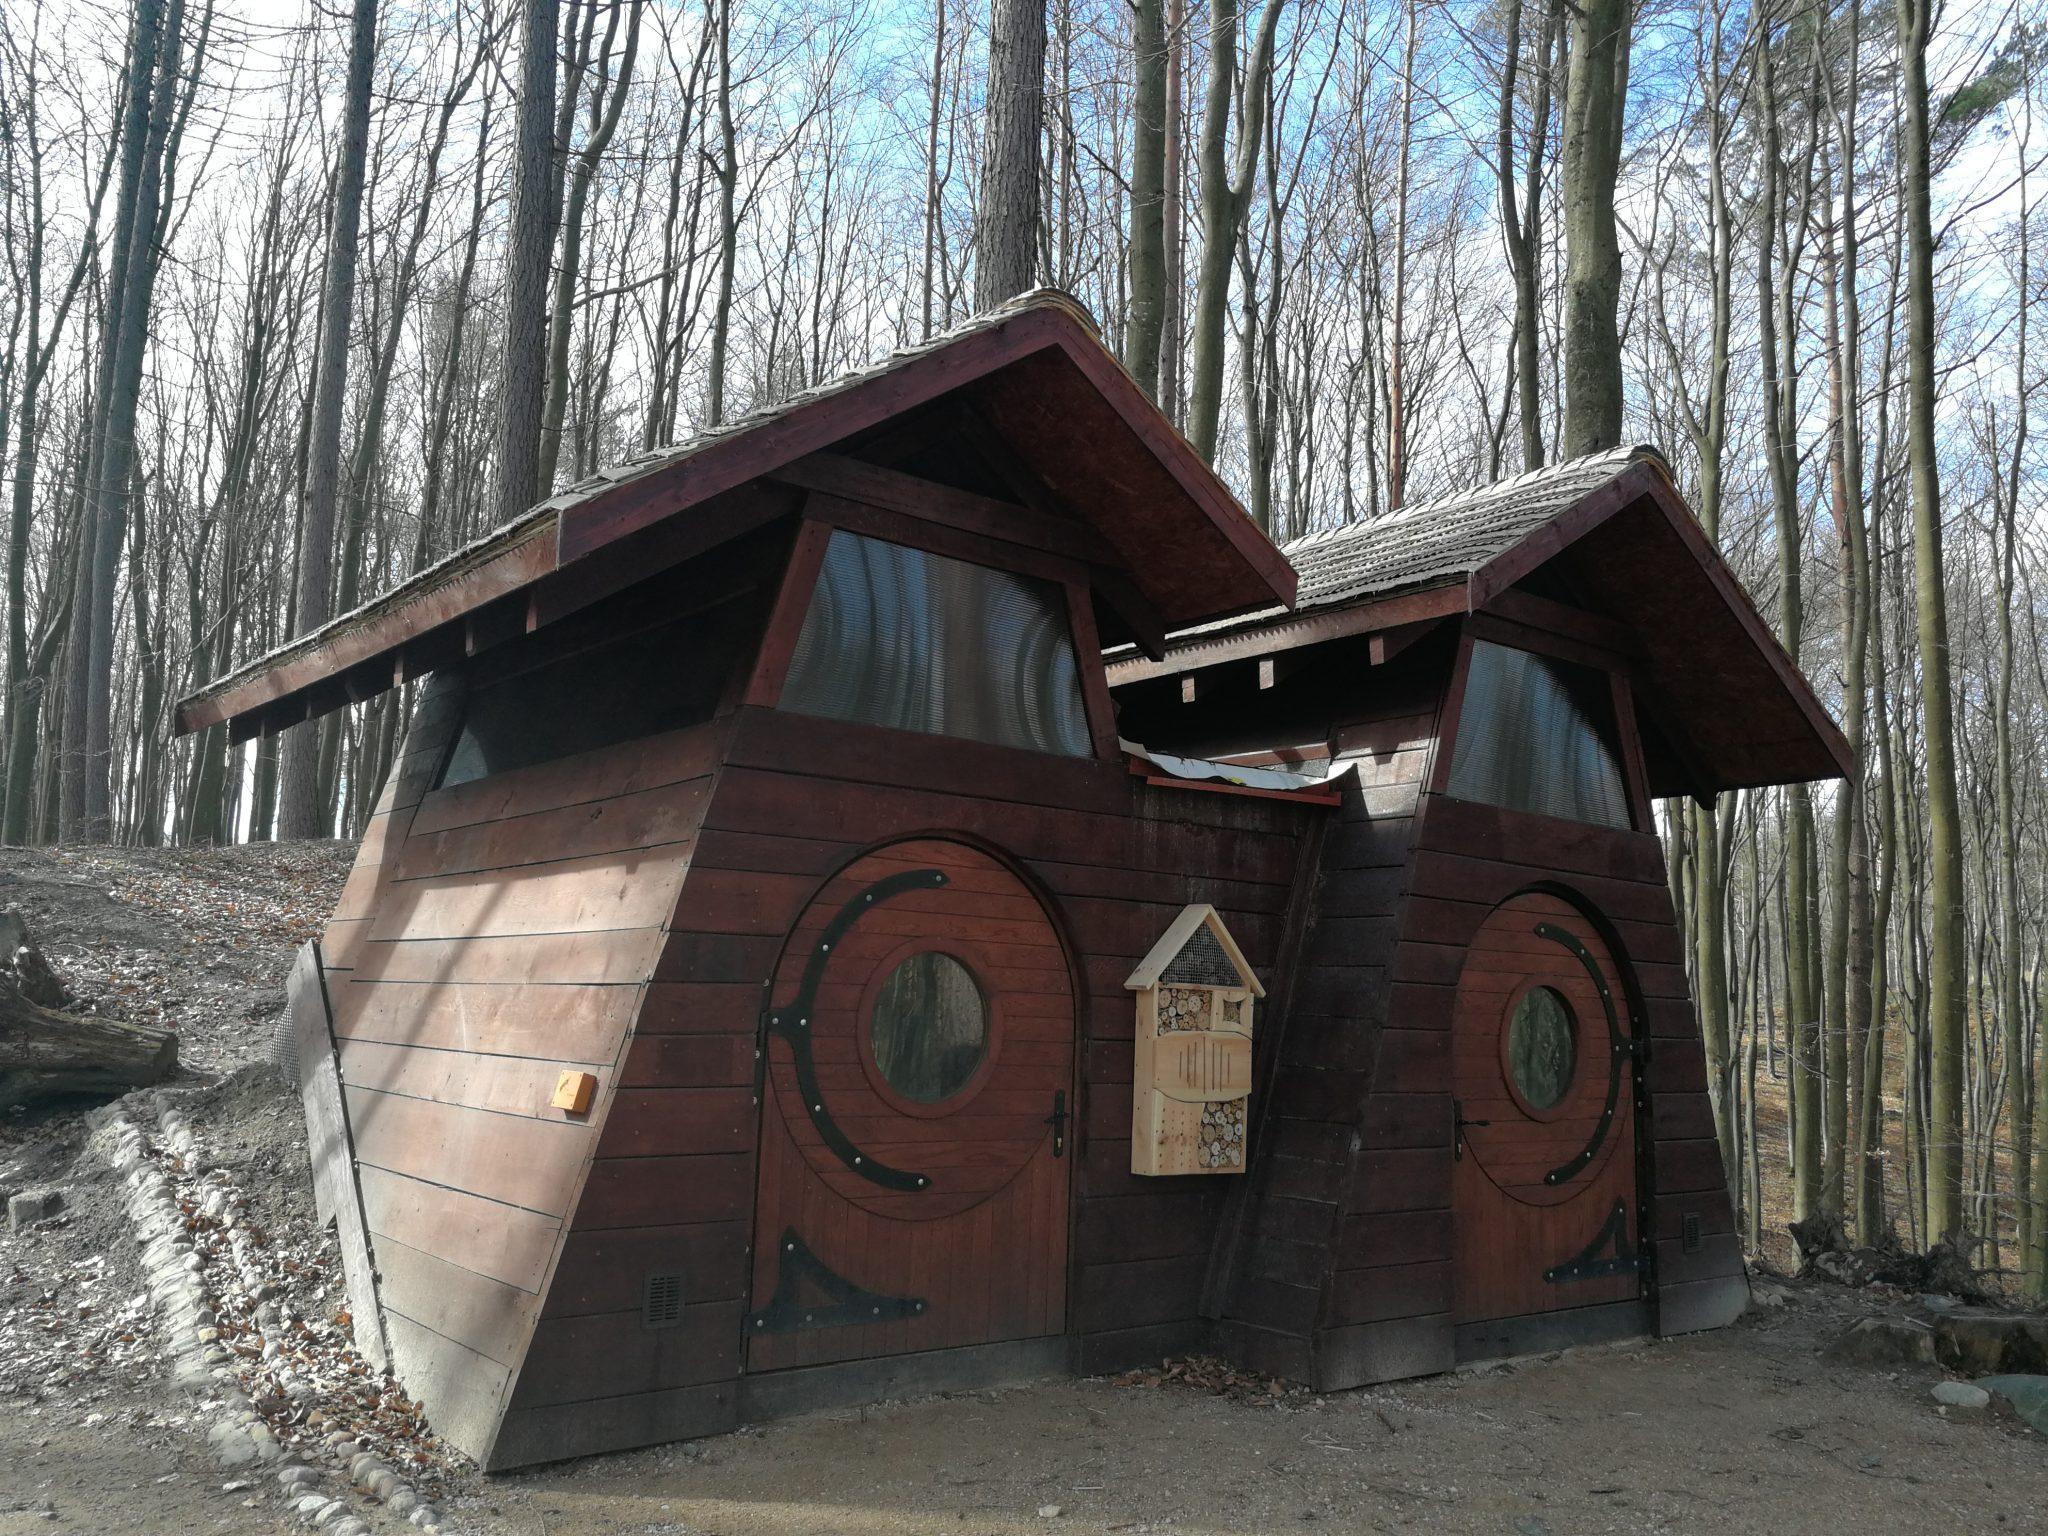 Leśny-Ogród-Botaniczny-w-Marszewie-domki-hobbitow-zdjęcie-Ania-Anna-Kotula